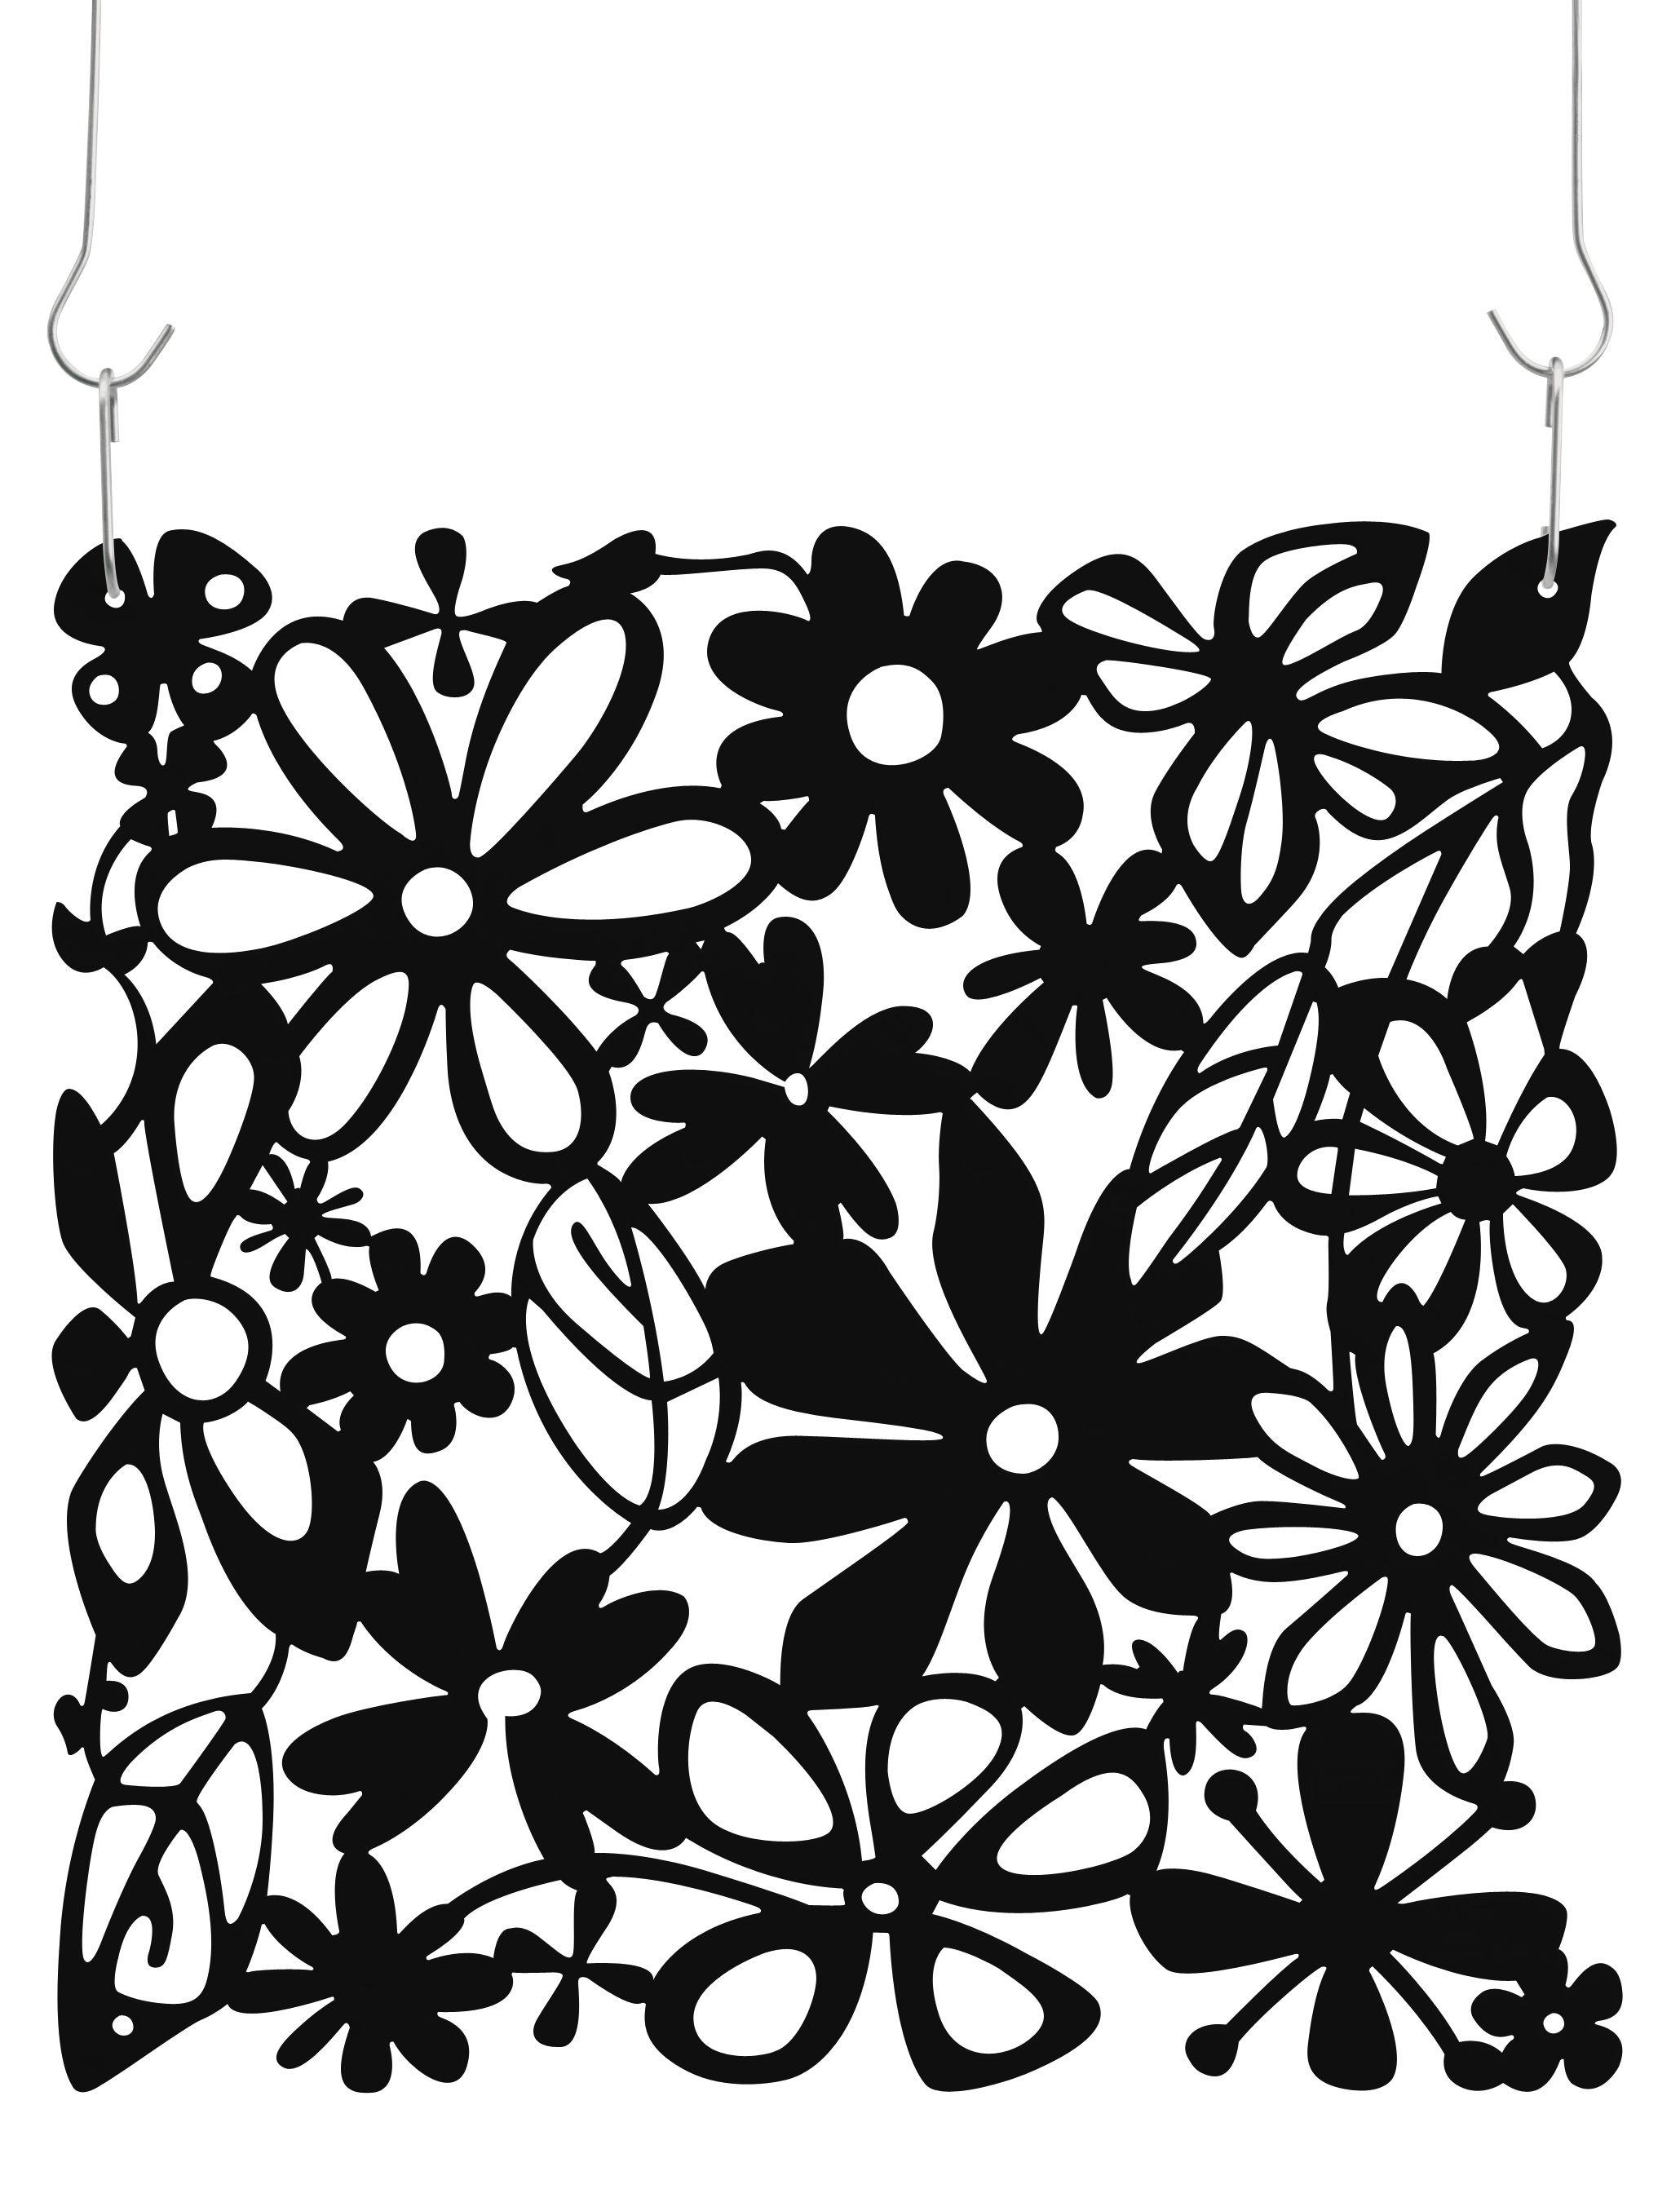 cloison alice set de 4 crochets inclus noir opaque. Black Bedroom Furniture Sets. Home Design Ideas